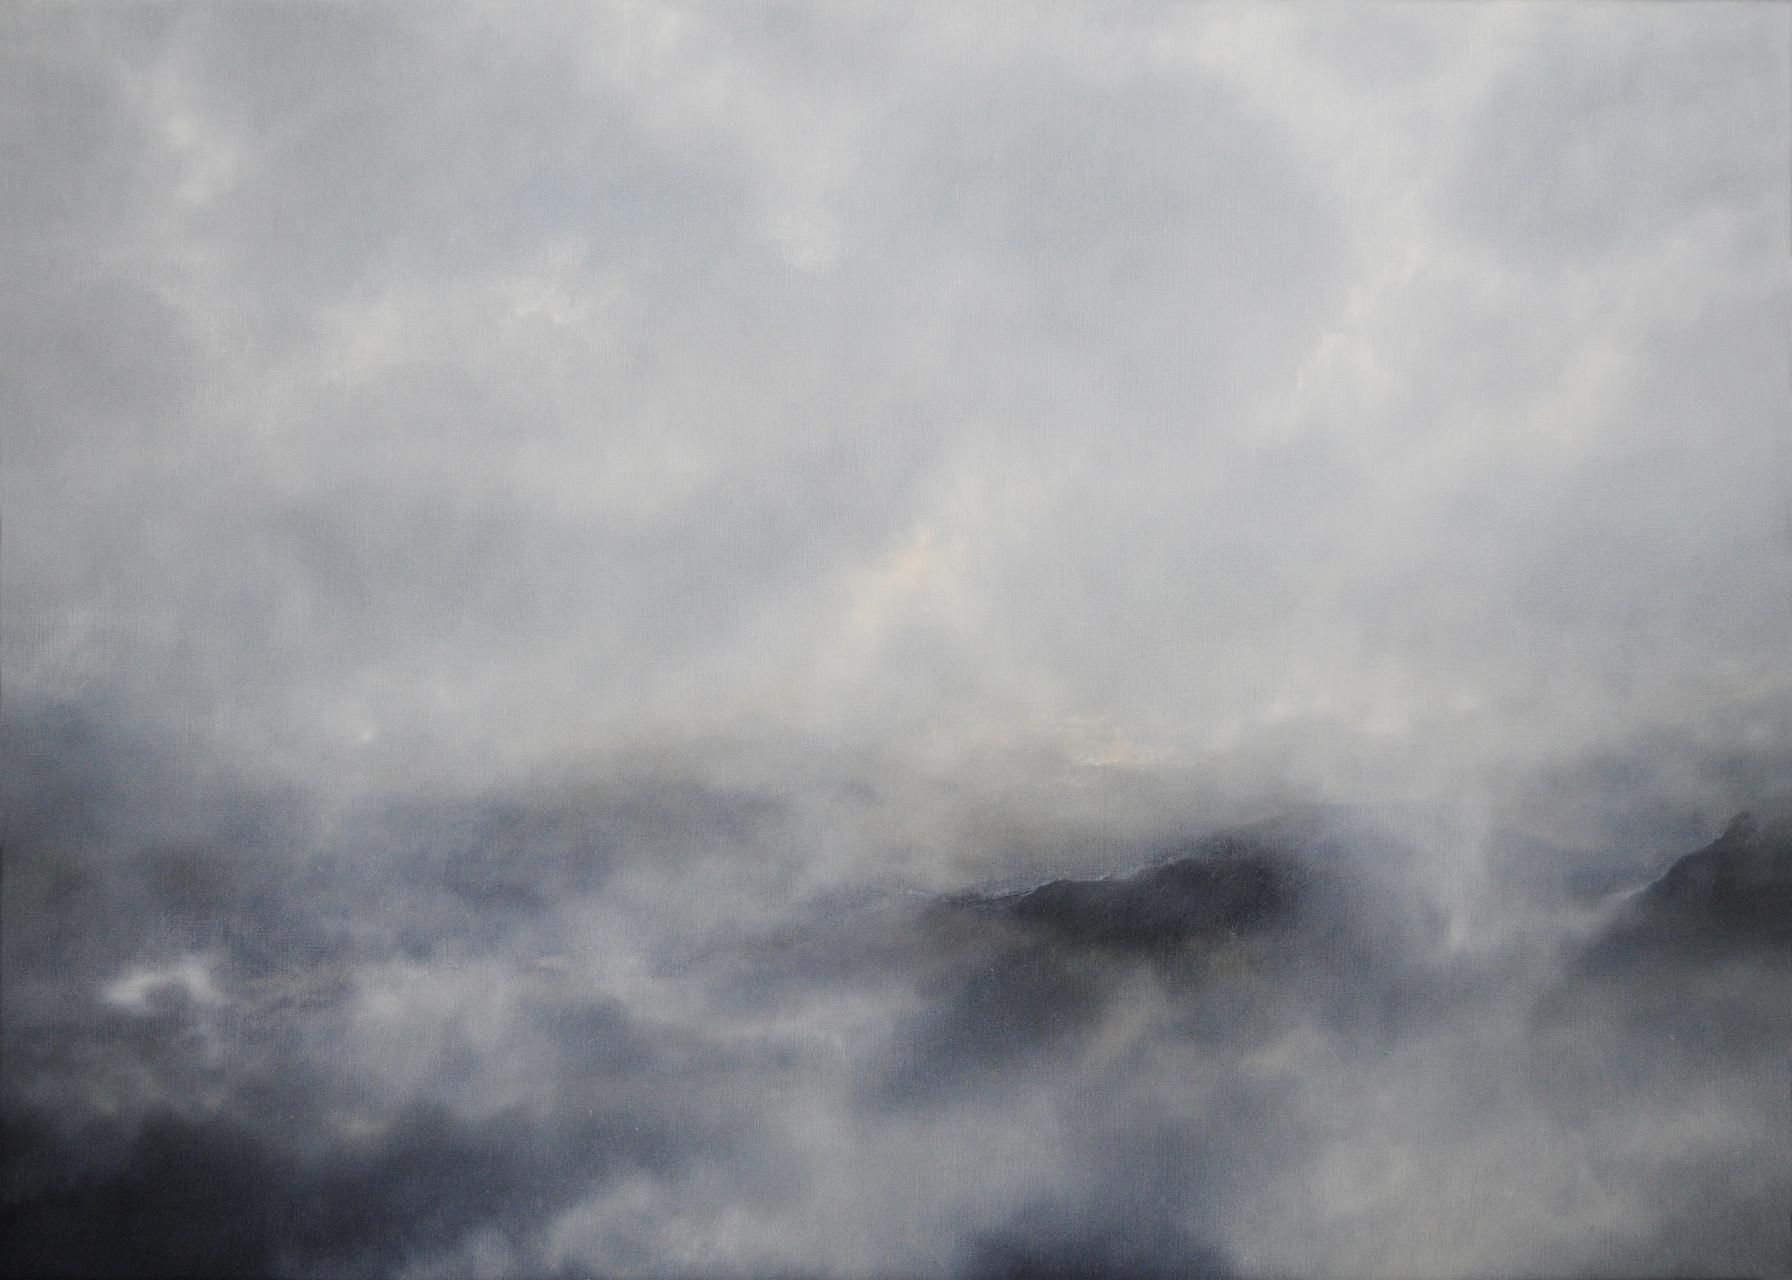 OHNE TITEL, 2015, Öl/Lwd., 100 x 140cm